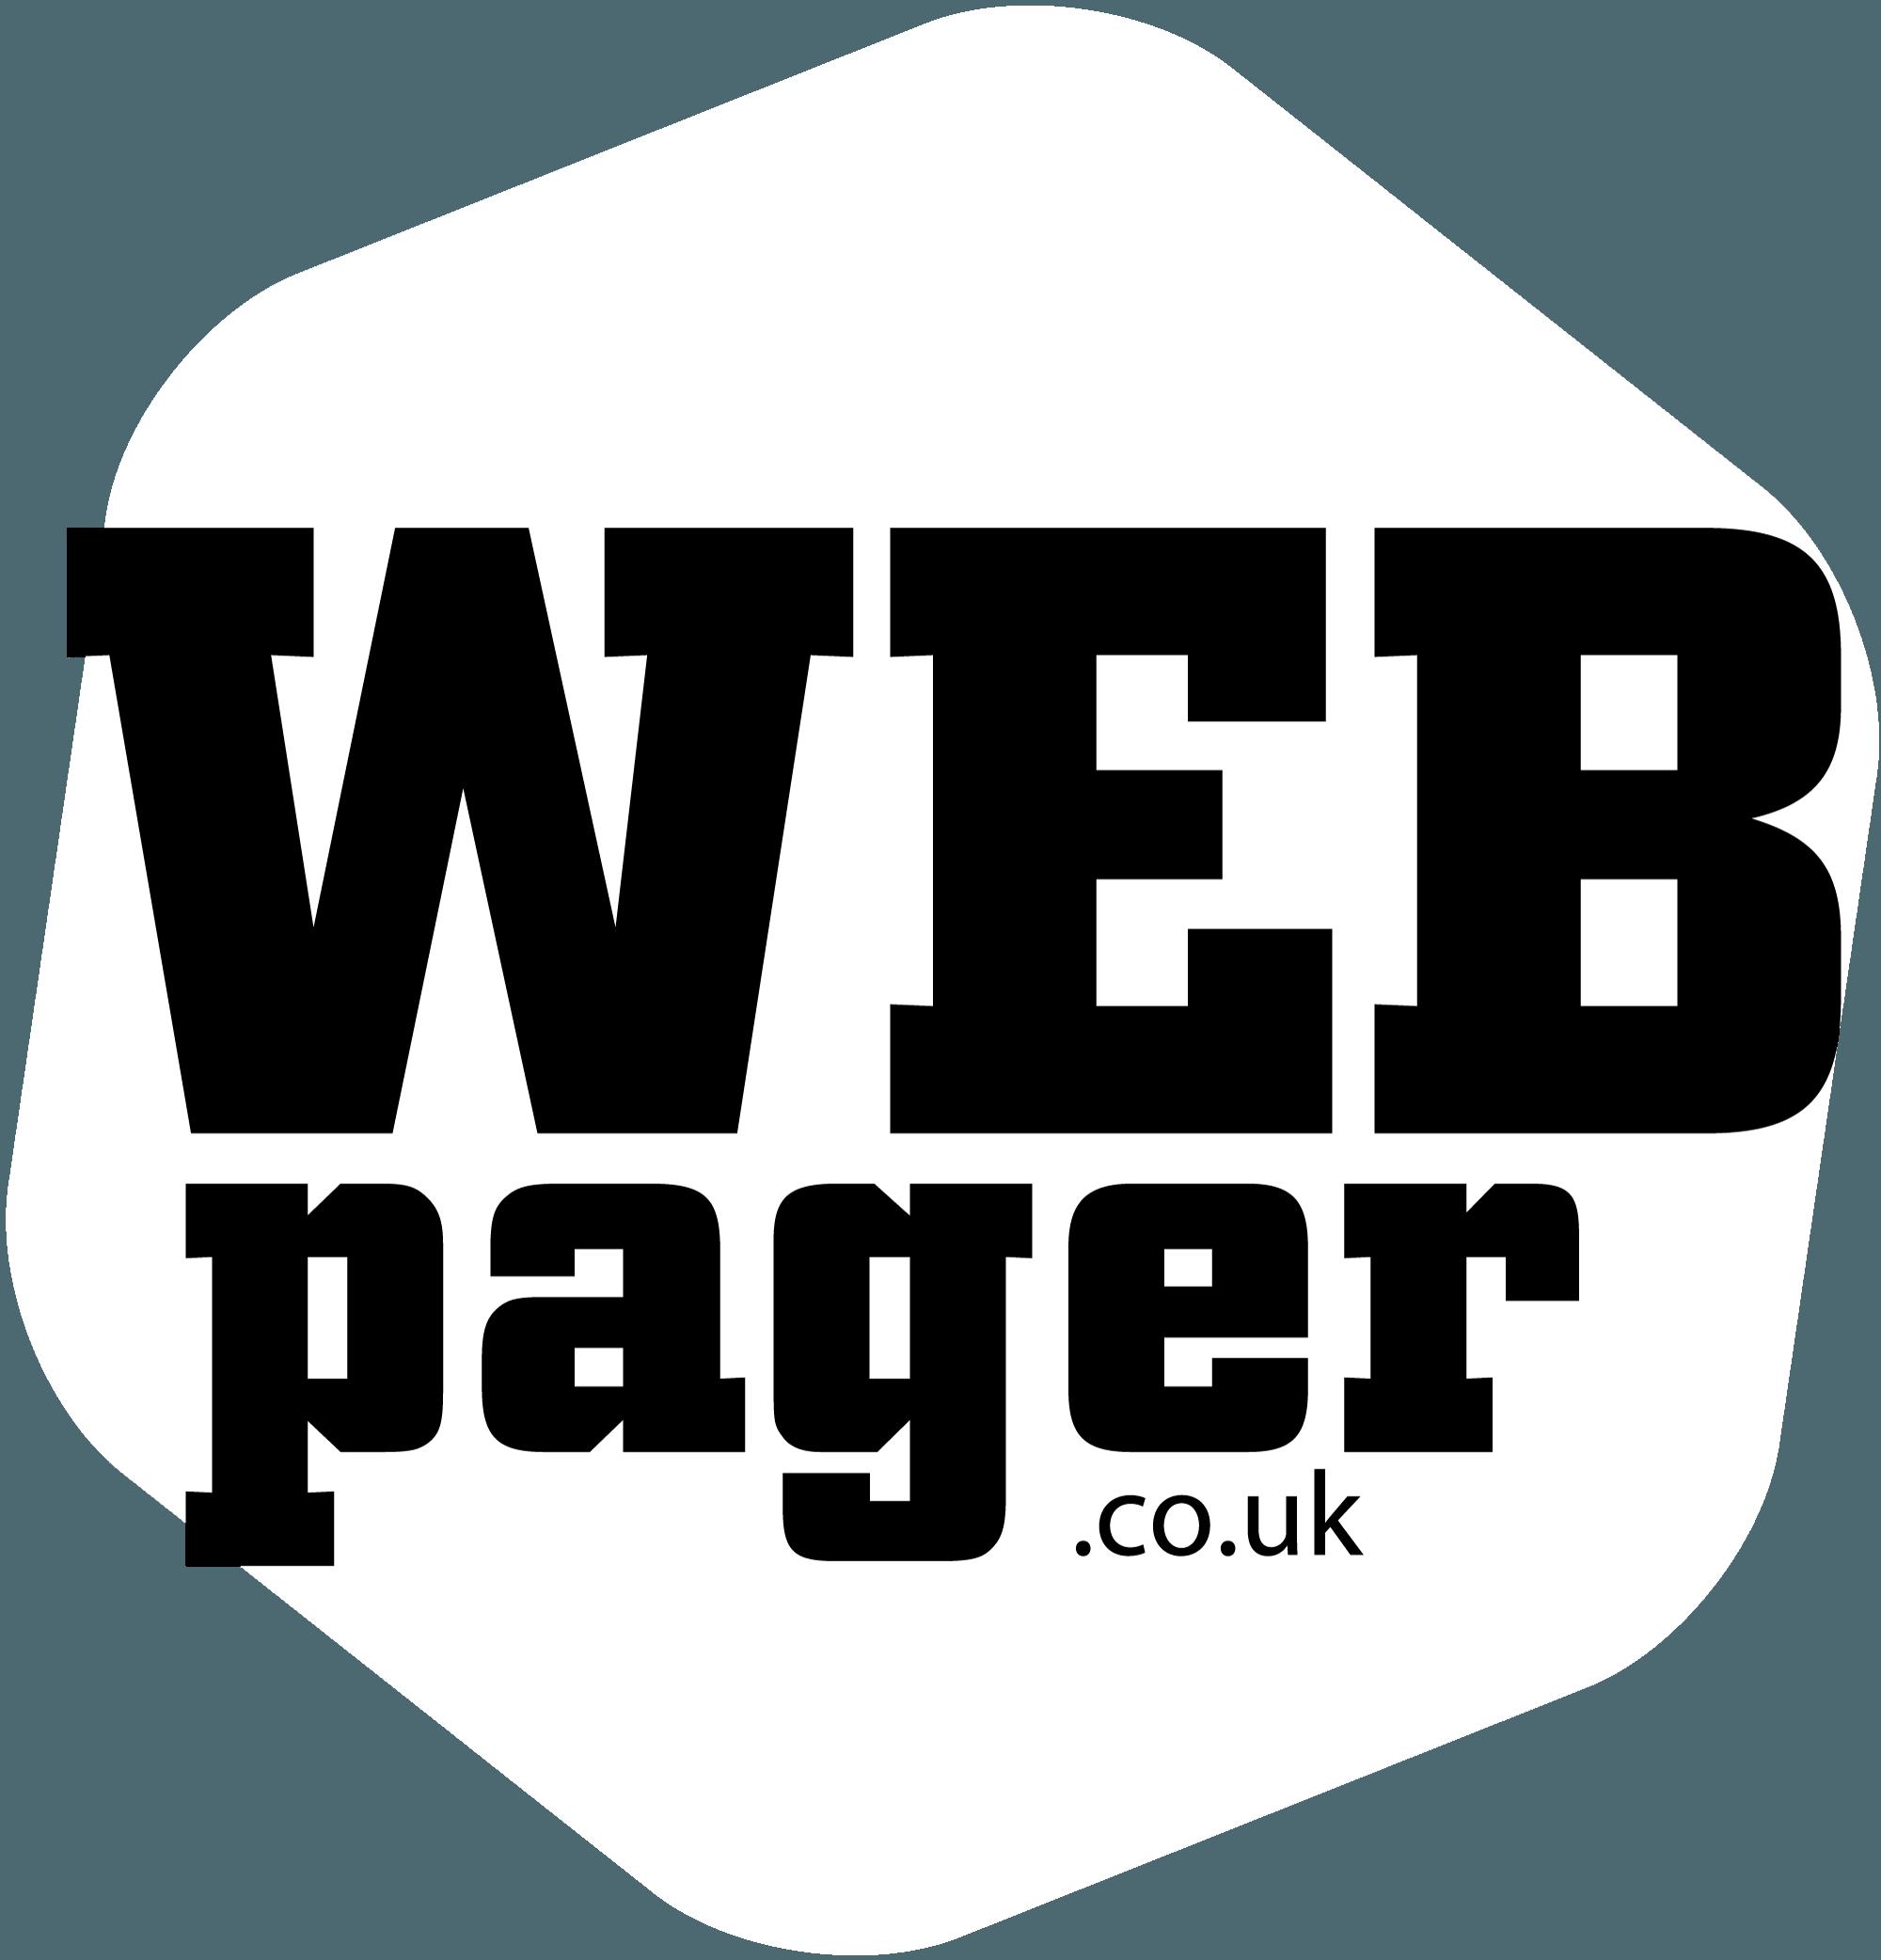 Webpager.co.uk logo